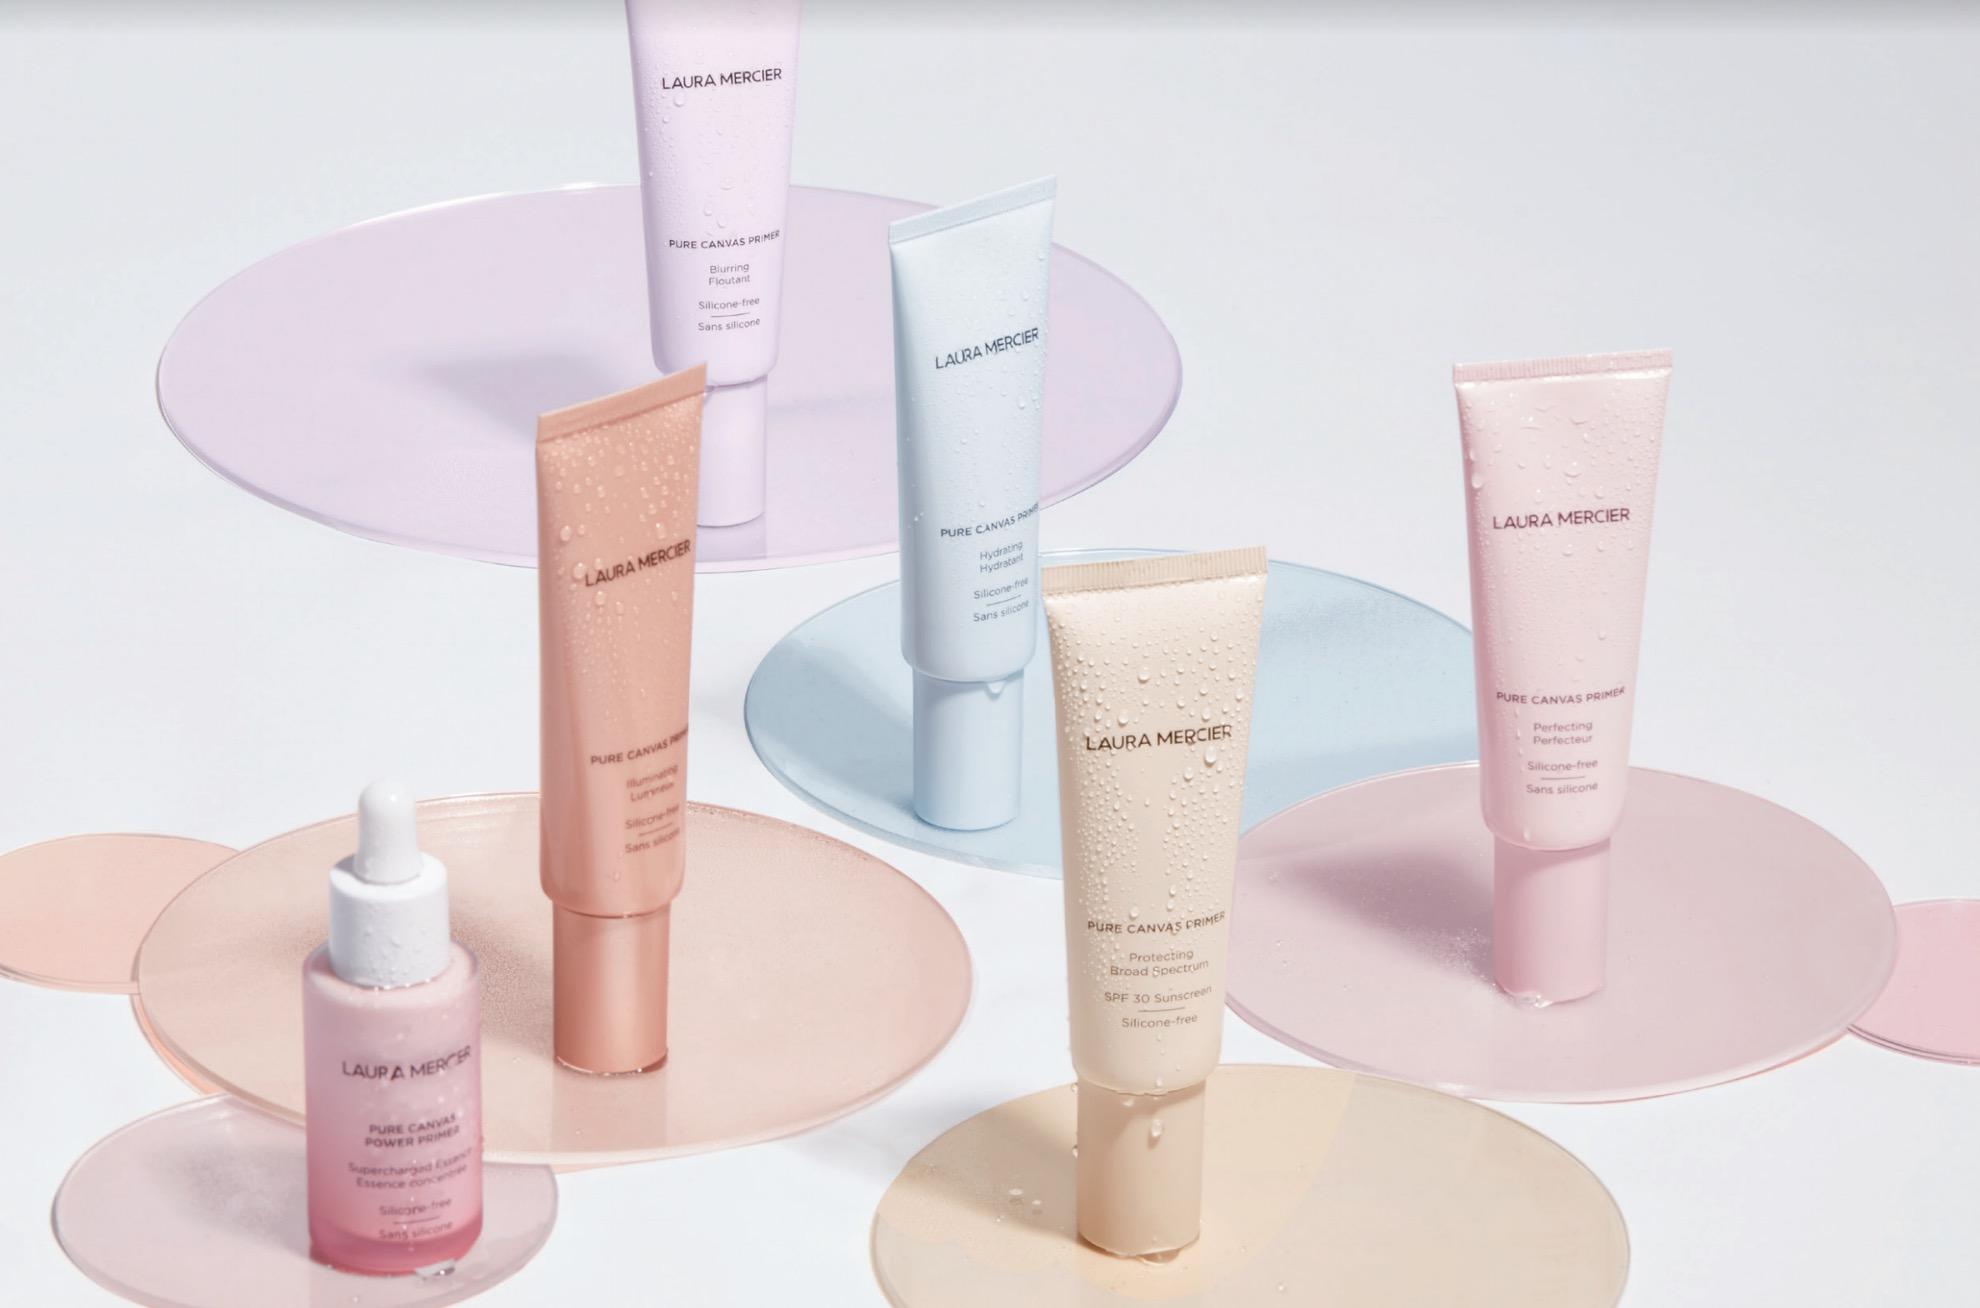 針對不同肌膚需求共有全新5款妝前打底+1款急救精華升級上市